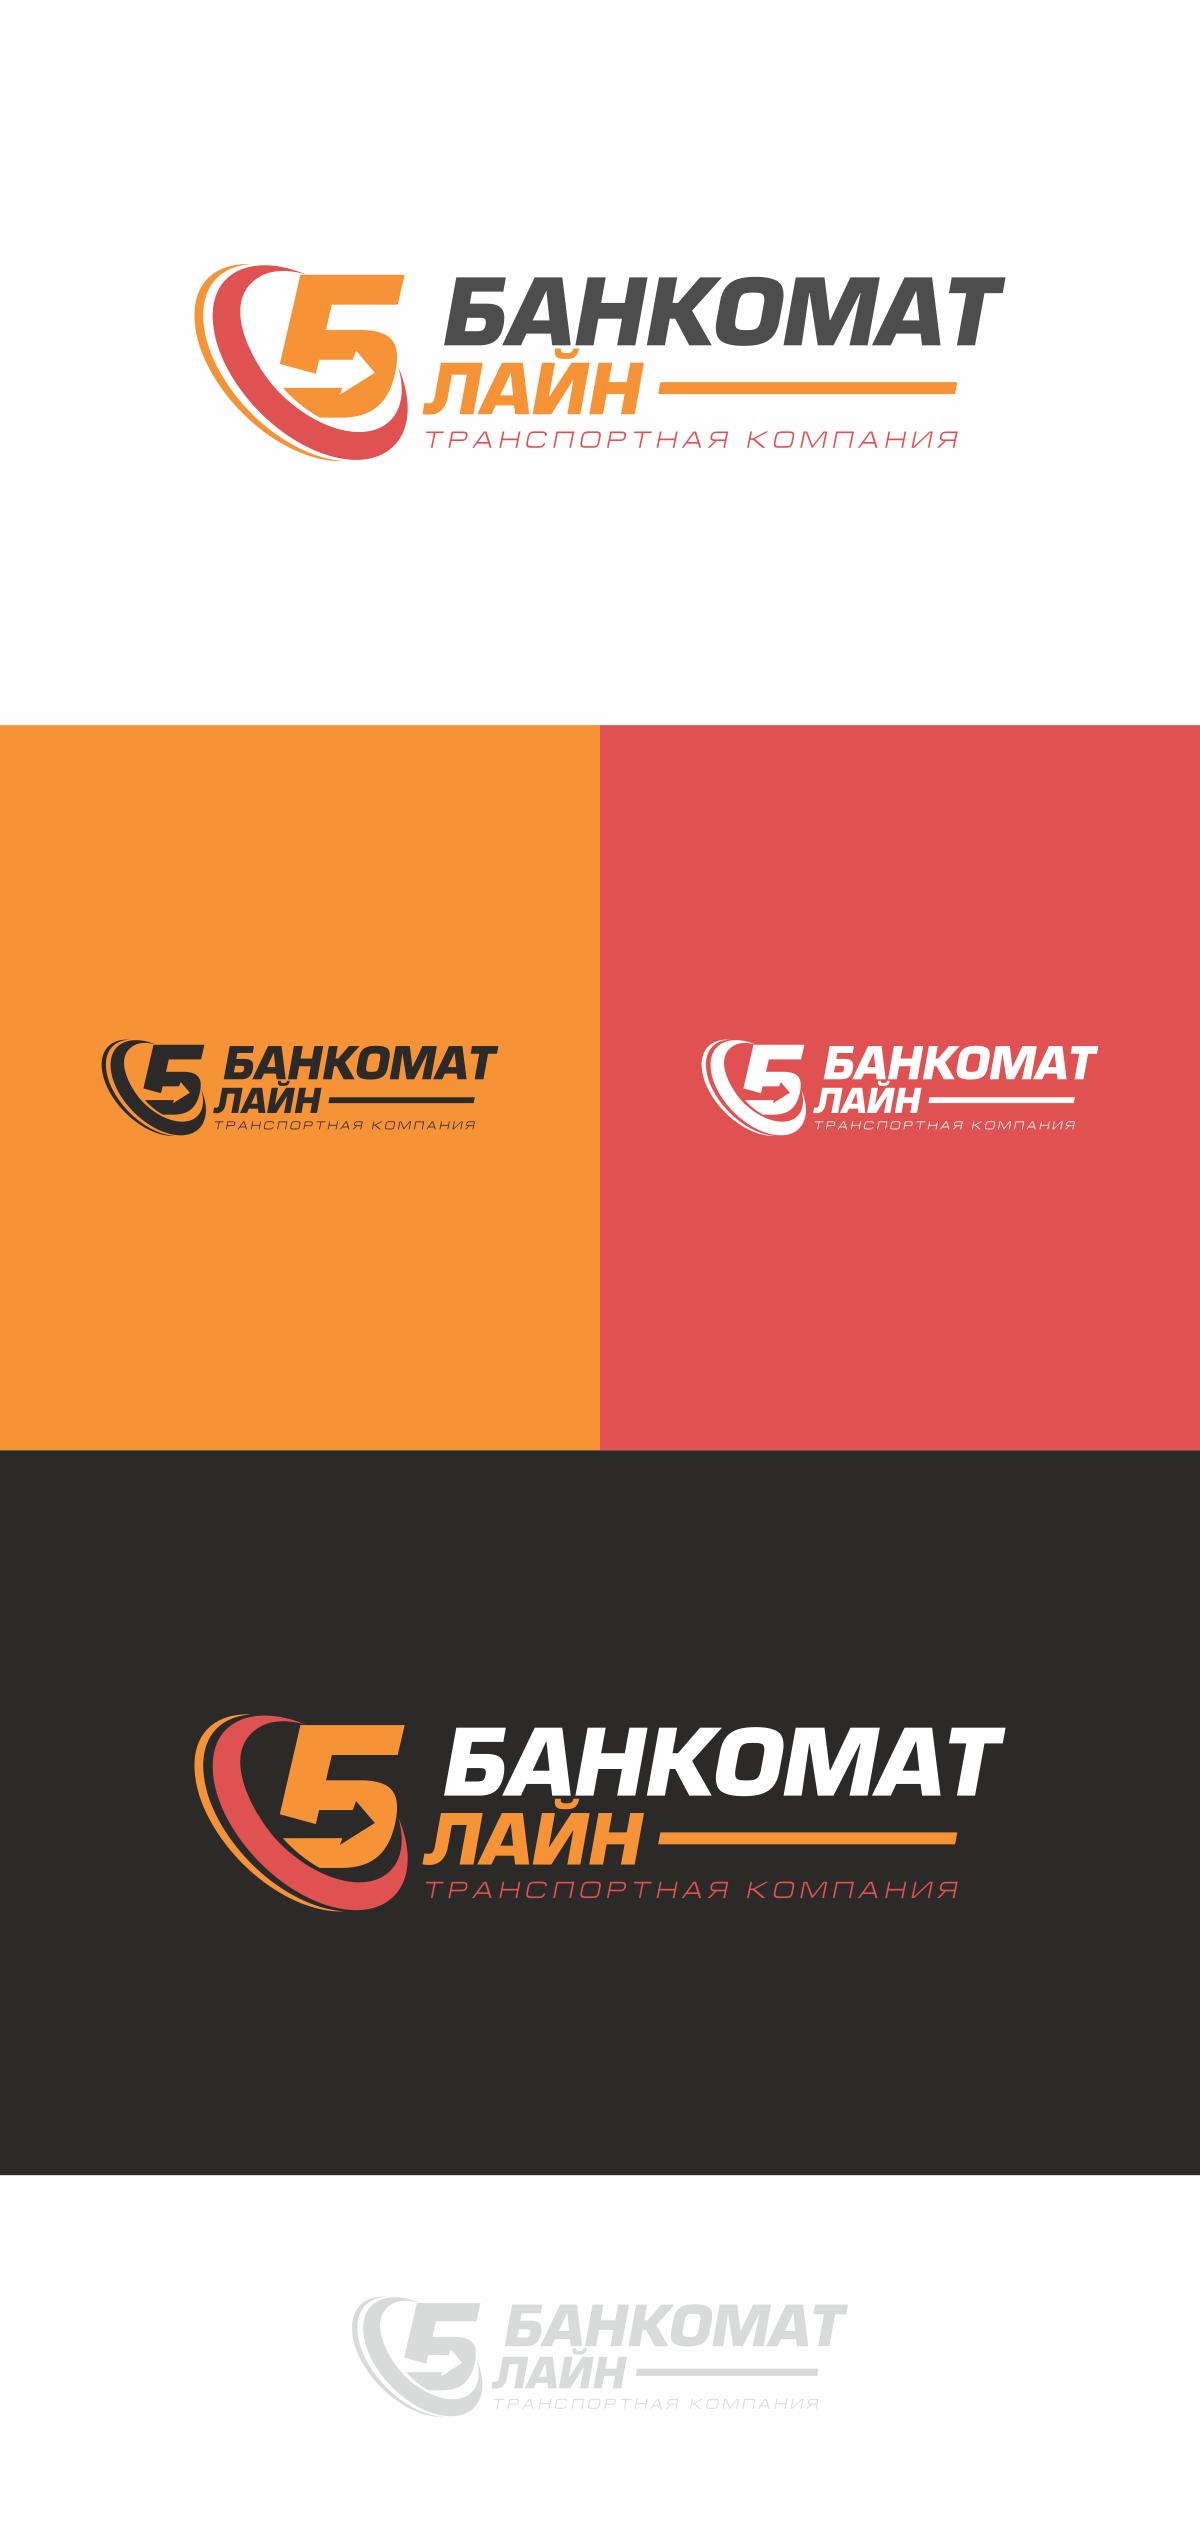 Разработка логотипа и слогана для транспортной компании фото f_776588f4f166c33b.jpg